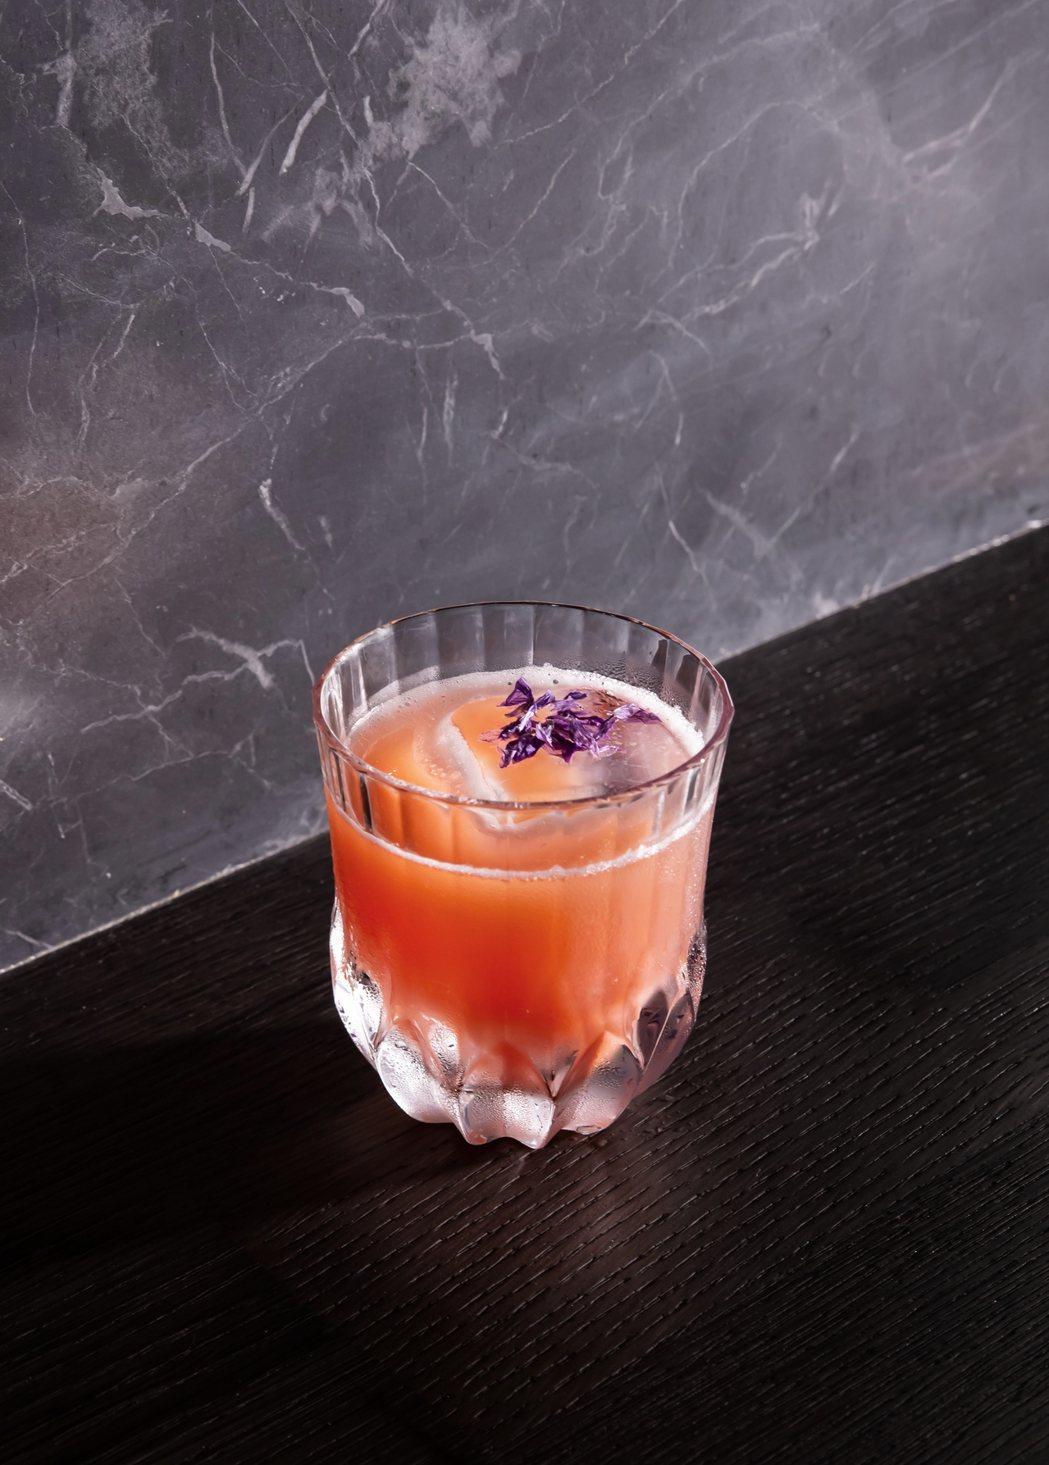 KAVALAN WHISKY BAR也提供無酒精飲品選擇-水果包種茶。業者/提供